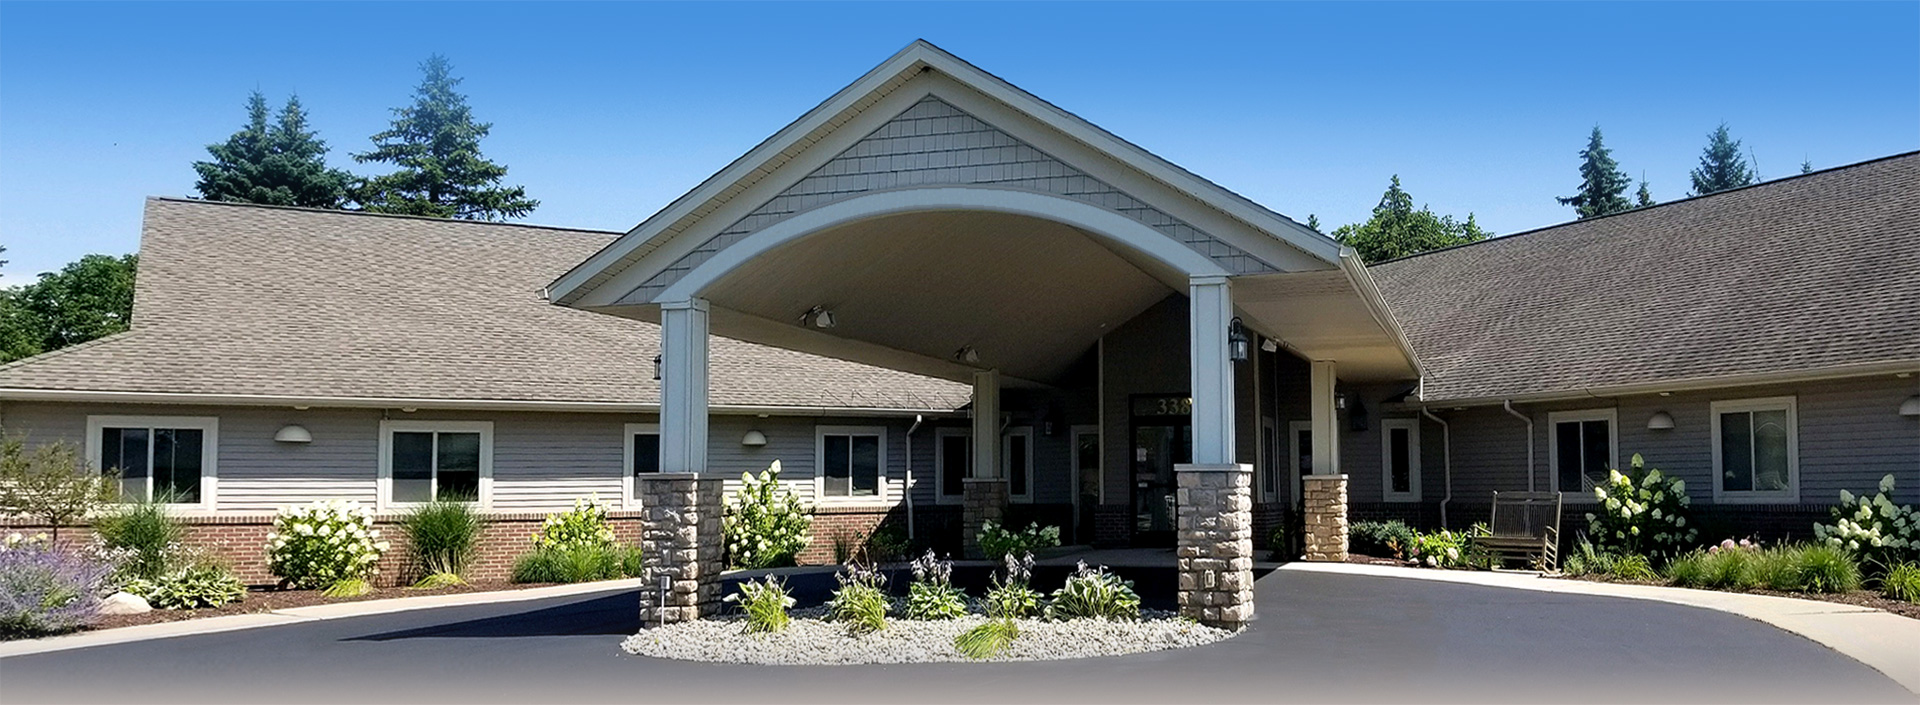 Waterford Oaks Senior Care